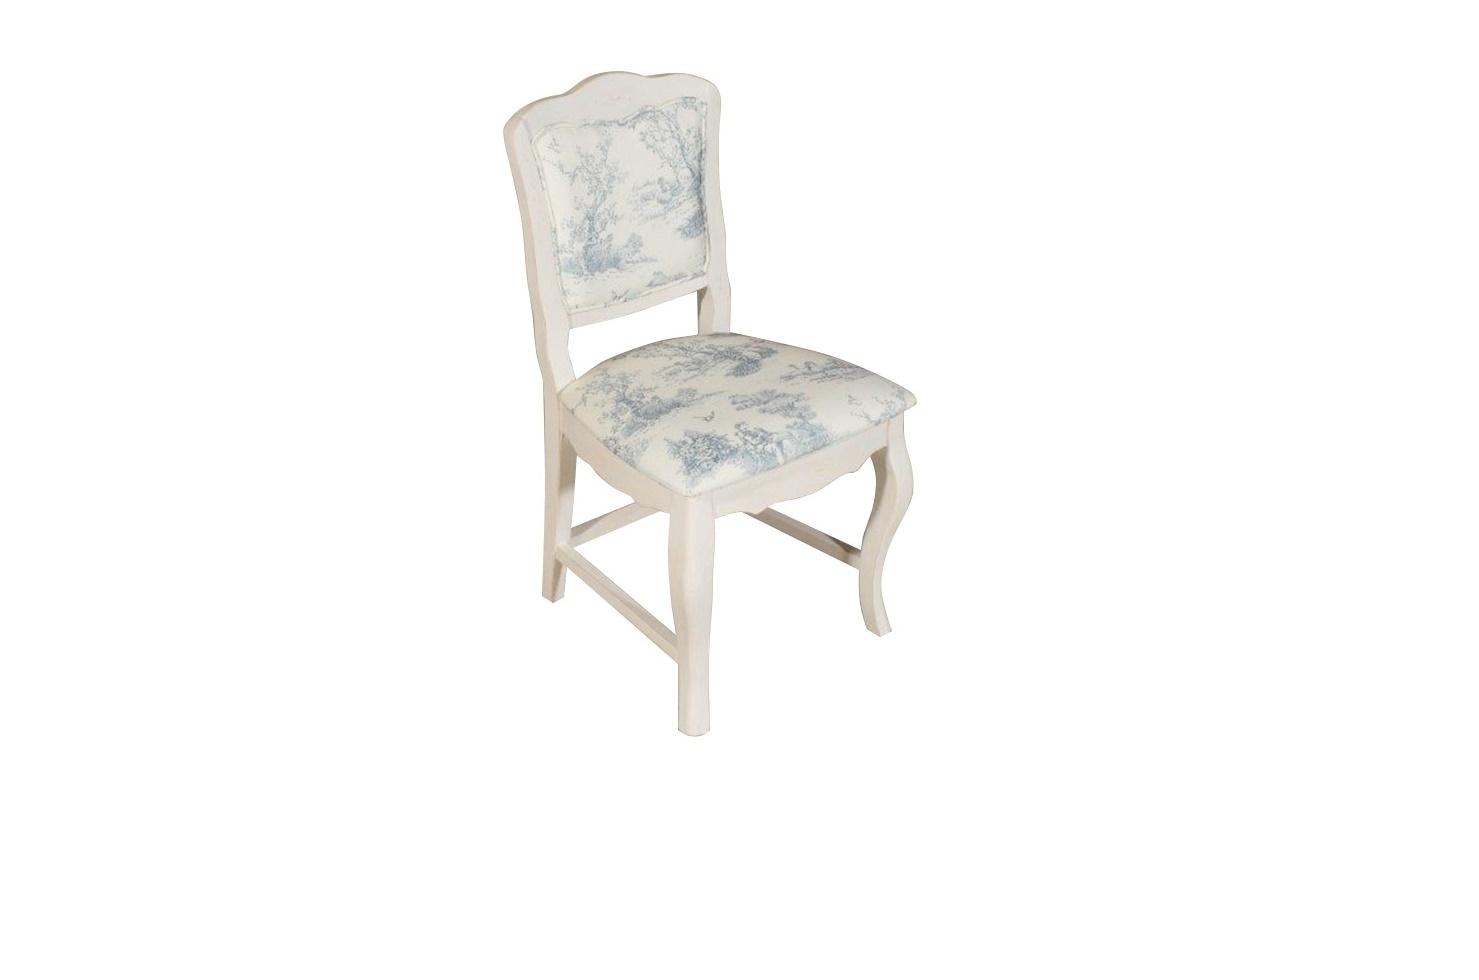 Стул Blanc bonbonОбеденные стулья<br>Романтичный и нежный стул&amp;amp;nbsp;&amp;quot;Blanc Bonbon&amp;quot; ? великолепное дополнение спальни, столовой или холла в стиле прованс. Отличающийся истинным французским шиком, он несет в себе элегантность и утонченность. Плавные изгибы древесины нейтральной гаммы позволяют стулу выглядеть очень изысканно. Текстильная обивка с великолепным принтом добавляет благородства облику&amp;amp;nbsp;&amp;quot;Blanc Bonbon&amp;quot;.&amp;lt;div&amp;gt;&amp;lt;br&amp;gt;&amp;lt;/div&amp;gt;&amp;lt;div&amp;gt;Материал: массив березы, полиэстер&amp;lt;/div&amp;gt;<br><br>Material: Текстиль<br>Ширина см: 46.0<br>Высота см: 91.0<br>Глубина см: 46.0